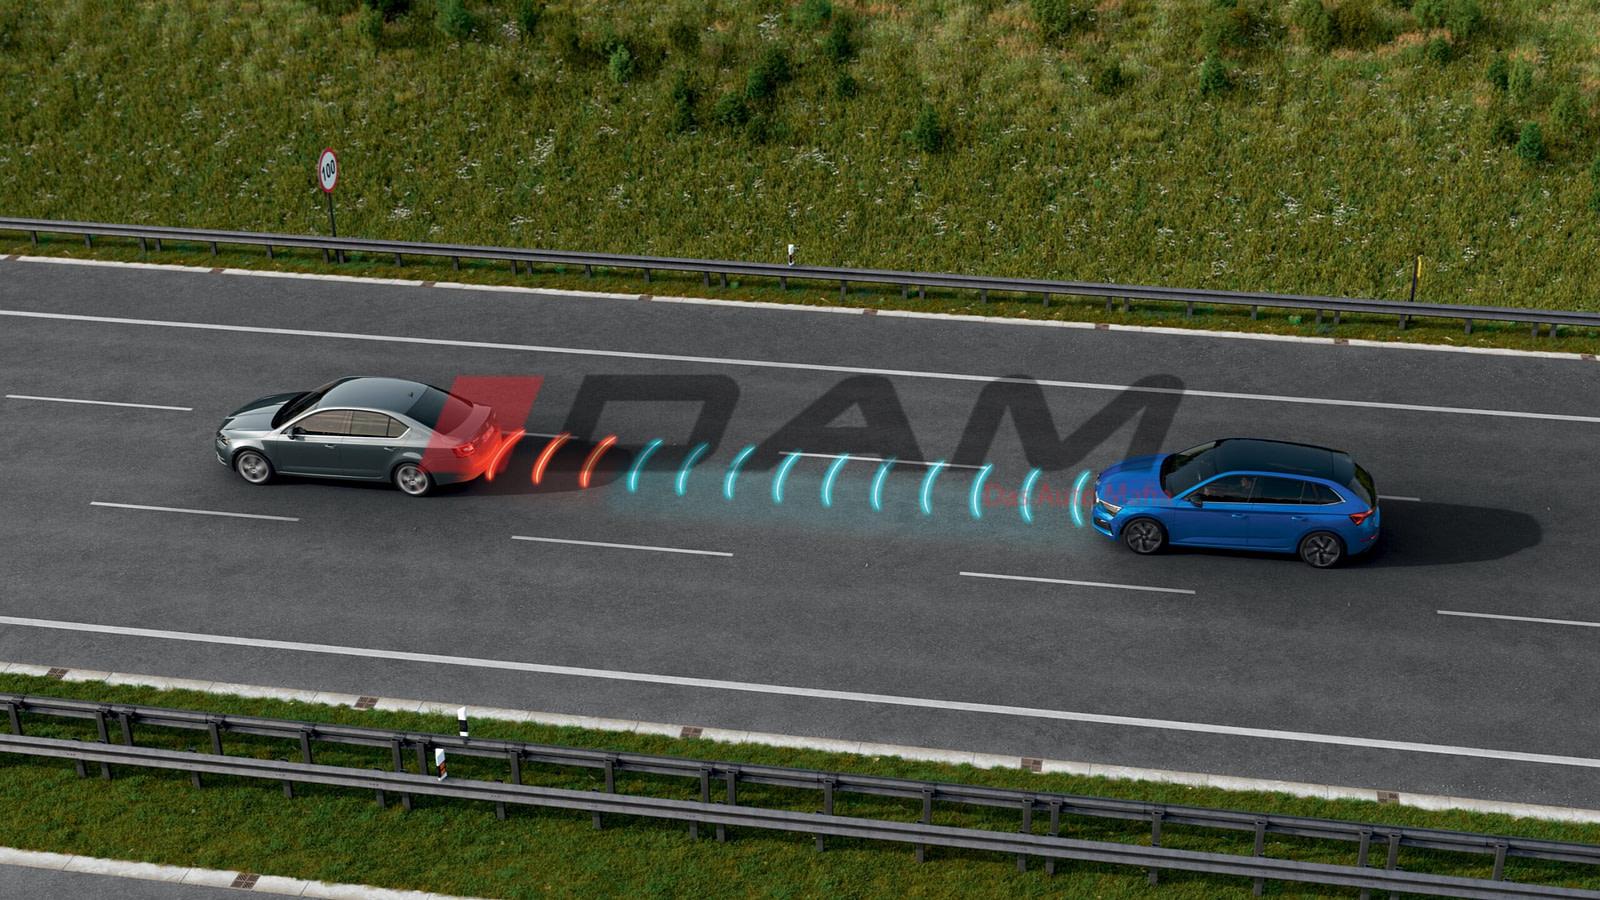 A3 8v Fl 2017 2020 Adaptive Cruise Control Das Auto Mafia